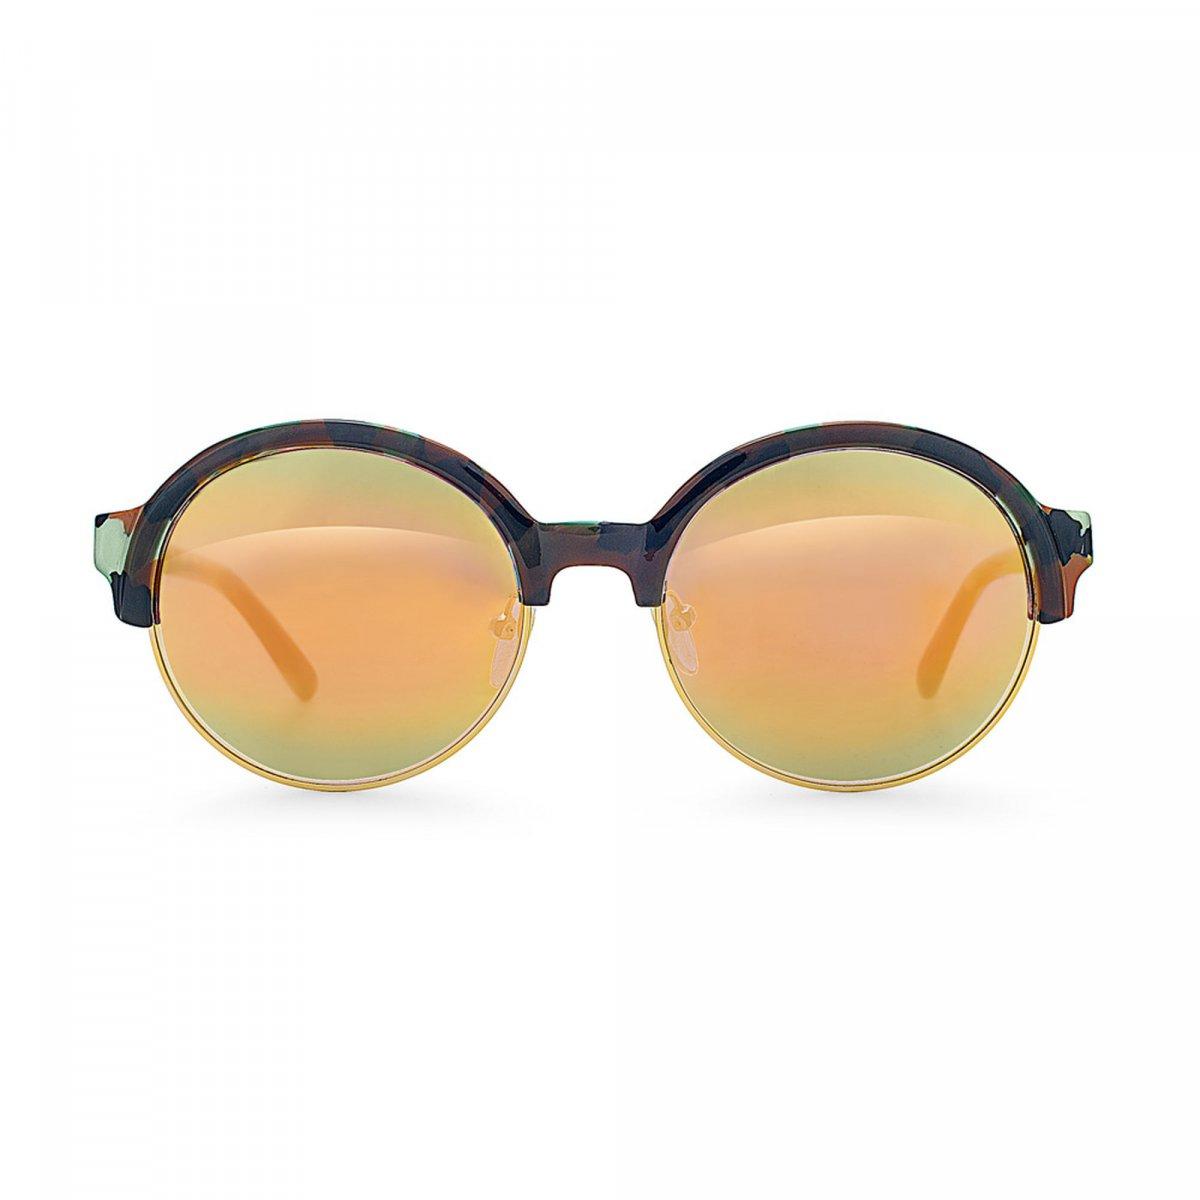 Okuliare FOLLI FOLLIE s čierno-zeleným rámom